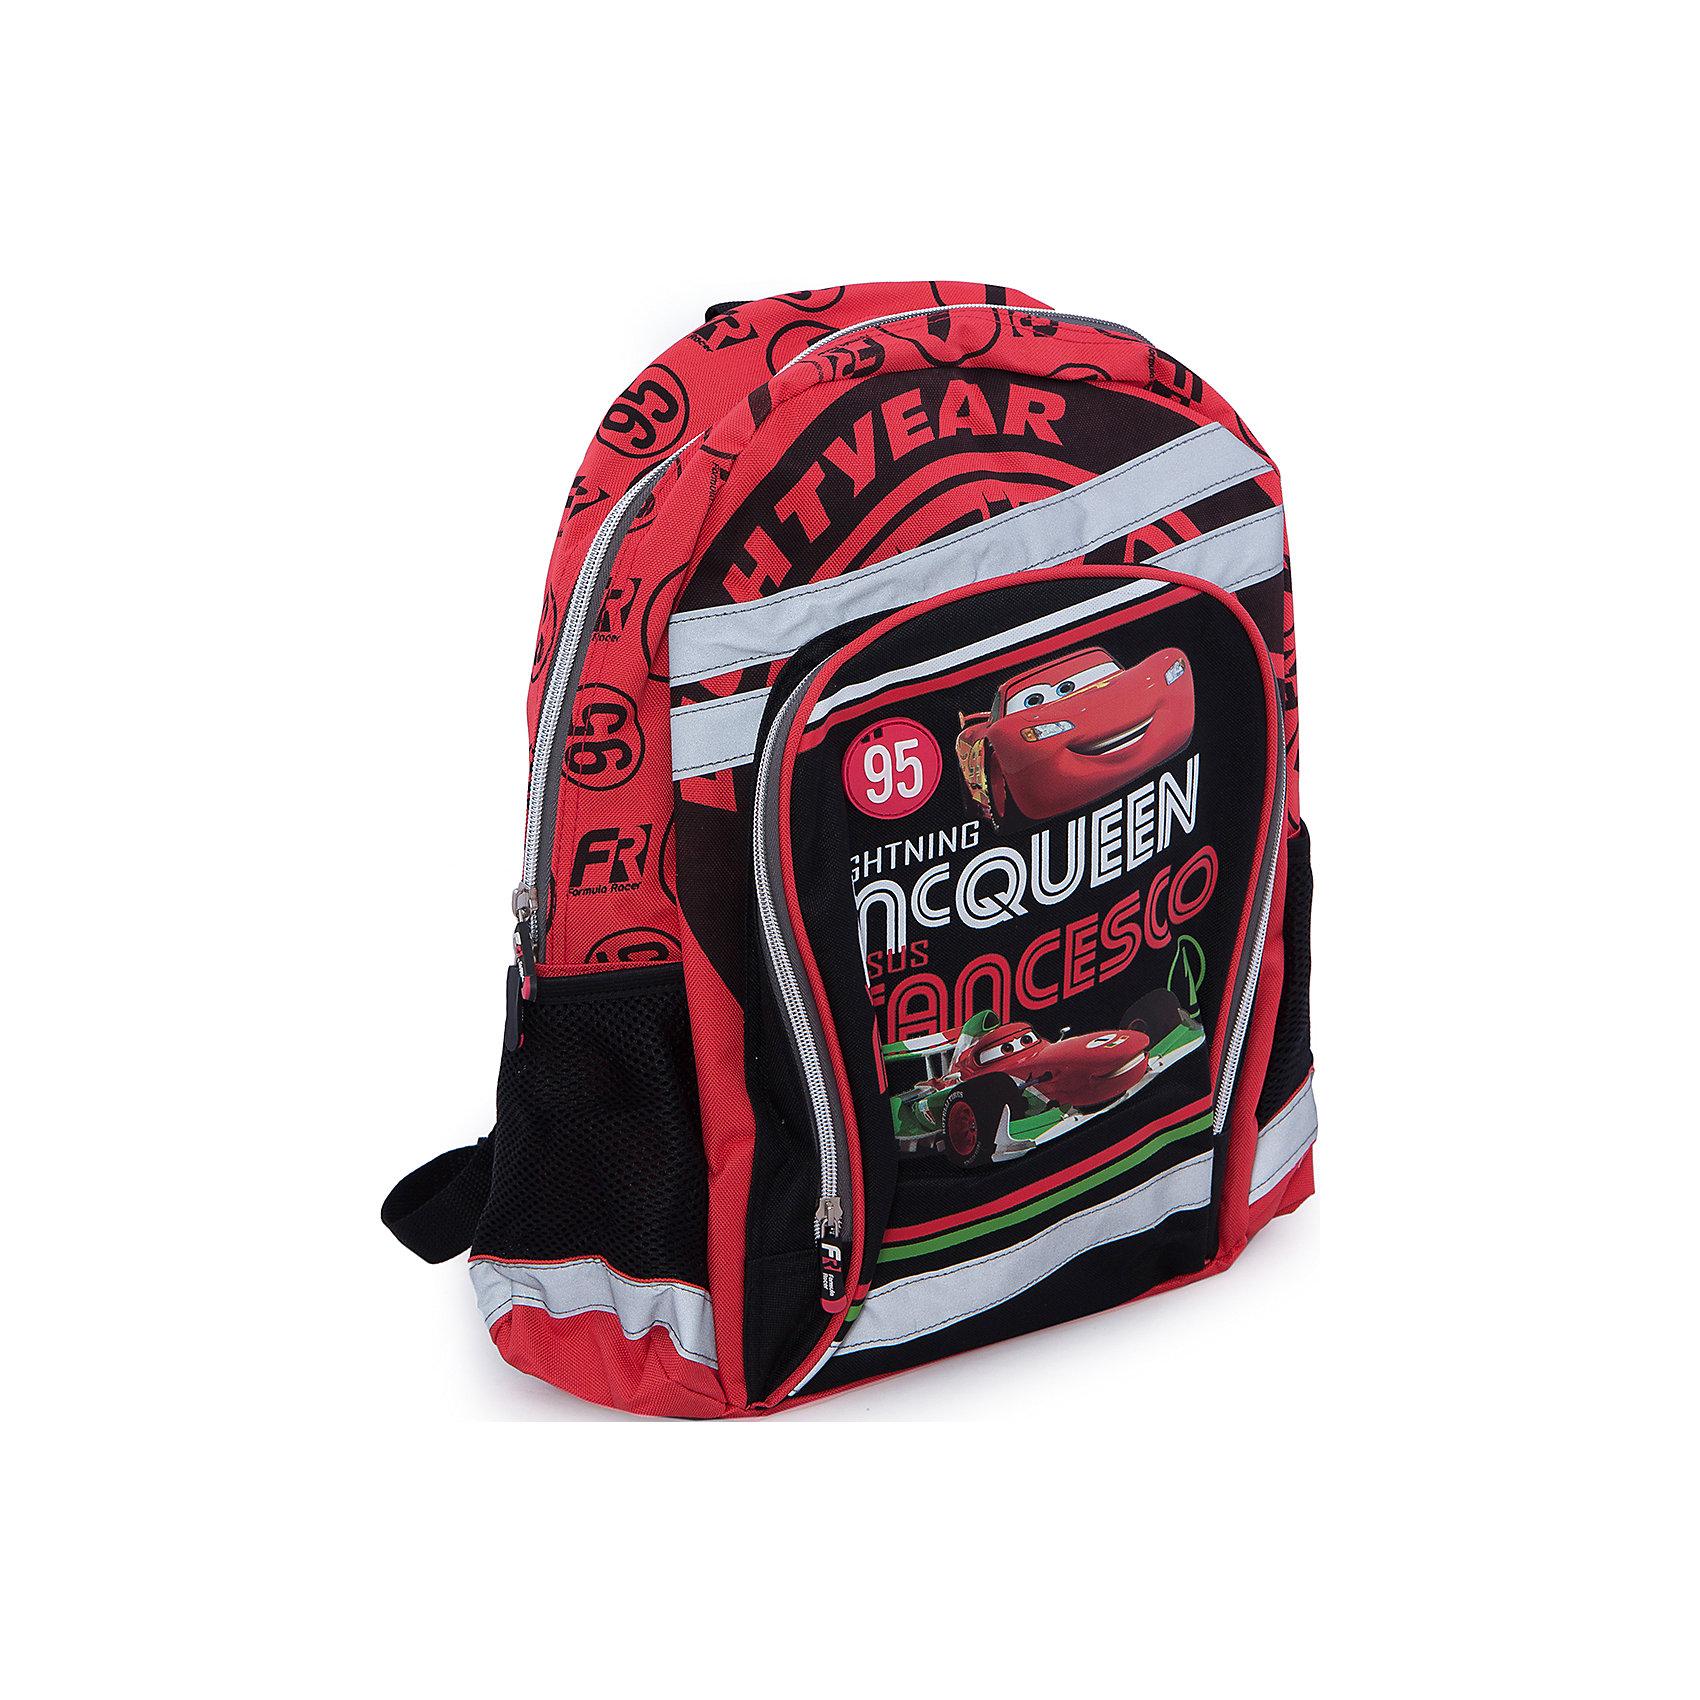 Школьный рюкзак с мягкой спинкой, ТачкиРюкзак, мягкая спинка, Тачки (Cars) – прекрасный подарок вашему ребенку, поклоннику мультсериала Тачки (Cars).<br>В такой рюкзачок поместятся книги, тетради, предметы школьной канцелярии, а также разные мелочи для личного пользования. Изюминкой этой модели является оригинальный принт, выполненный по мотивам мультфильма Тачки (Cars). Спинка рюкзака, обтянута «дышащей» сетчатой тканью, которая выступает в роли вентиляционной системы. Она обеспечивает хорошую проницаемость и циркуляцию воздуха между задней стенкой и спиной ребенка. Лямки регулируются в зависимости от роста ребенка. Сверху у рюкзака есть удобная ручка для переноски. Рюкзак имеет основное отделение, закрывающееся на застежку молнию, большой внешний карман на молнии, два боковых сетчатых кармашка. Рюкзак изготовлен из прочного материала, устойчивого к влаге и грязи.<br><br>Дополнительная информация:<br><br>- Вес: 579 гр.<br>- Размер: 40х30х13 см.<br>- Материал: полиэстер<br><br>Рюкзак, мягкая спинка, Тачки (Cars) - теперь ваш ребенок не забудет взять с собой письменные принадлежности и тетради!<br><br>Рюкзак, мягкая спинка, Тачки (Cars) можно купить в нашем интернет-магазине.<br><br>Ширина мм: 400<br>Глубина мм: 300<br>Высота мм: 130<br>Вес г: 579<br>Возраст от месяцев: 48<br>Возраст до месяцев: 84<br>Пол: Мужской<br>Возраст: Детский<br>SKU: 3563292